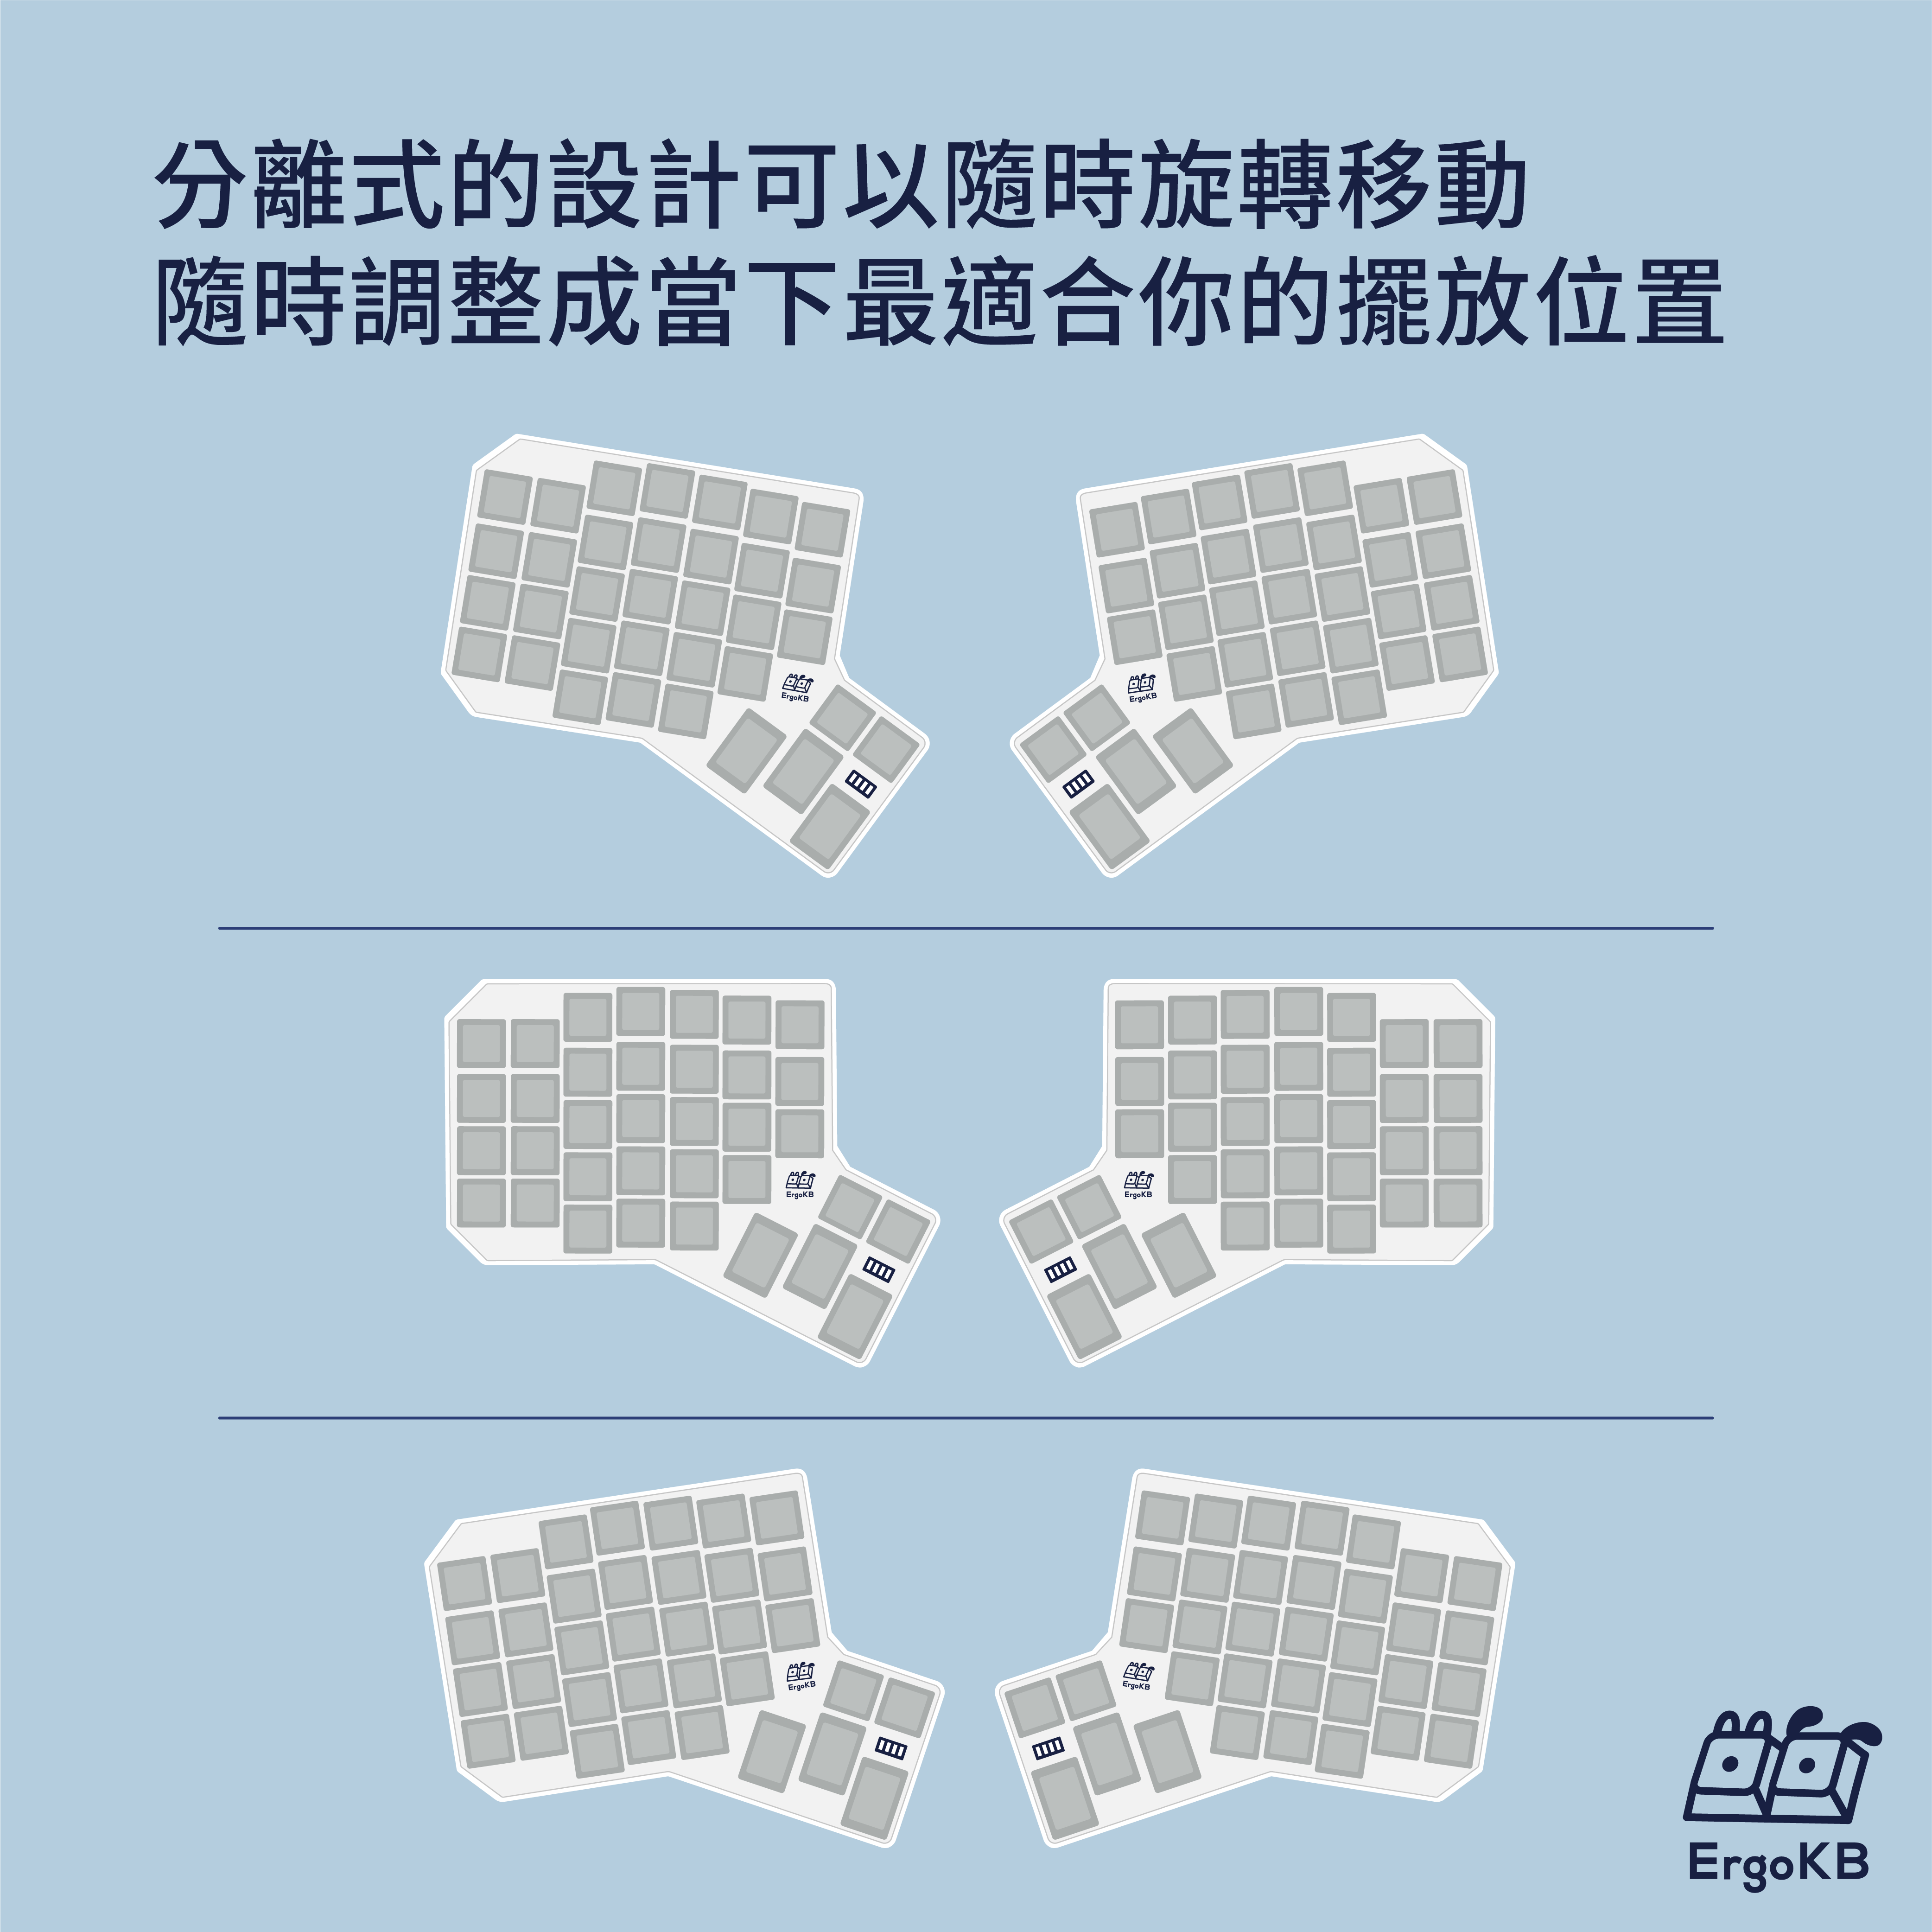 分離式的設計可以隨時旋轉移動,隨時調整成當下最適合你的擺放位置